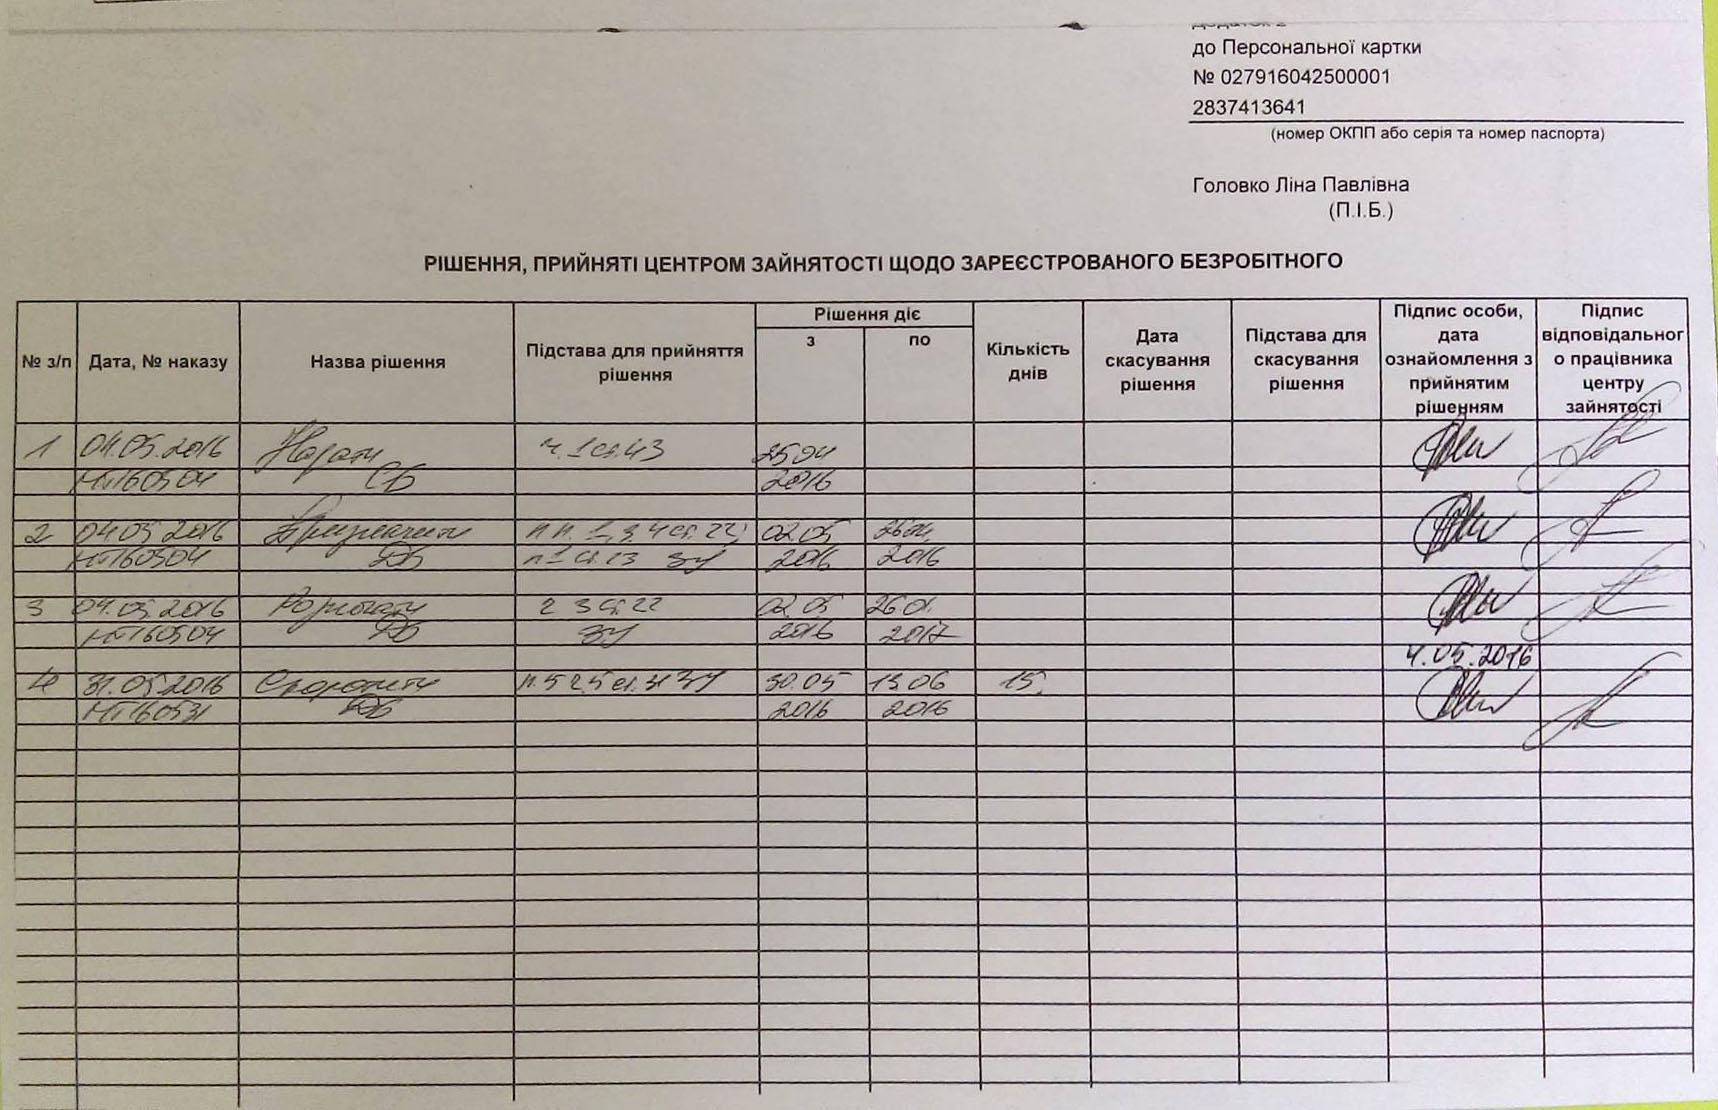 reshenie-prinyatoe-centrom-zanyatosti-v-otnoshenii-bezrabotnogo